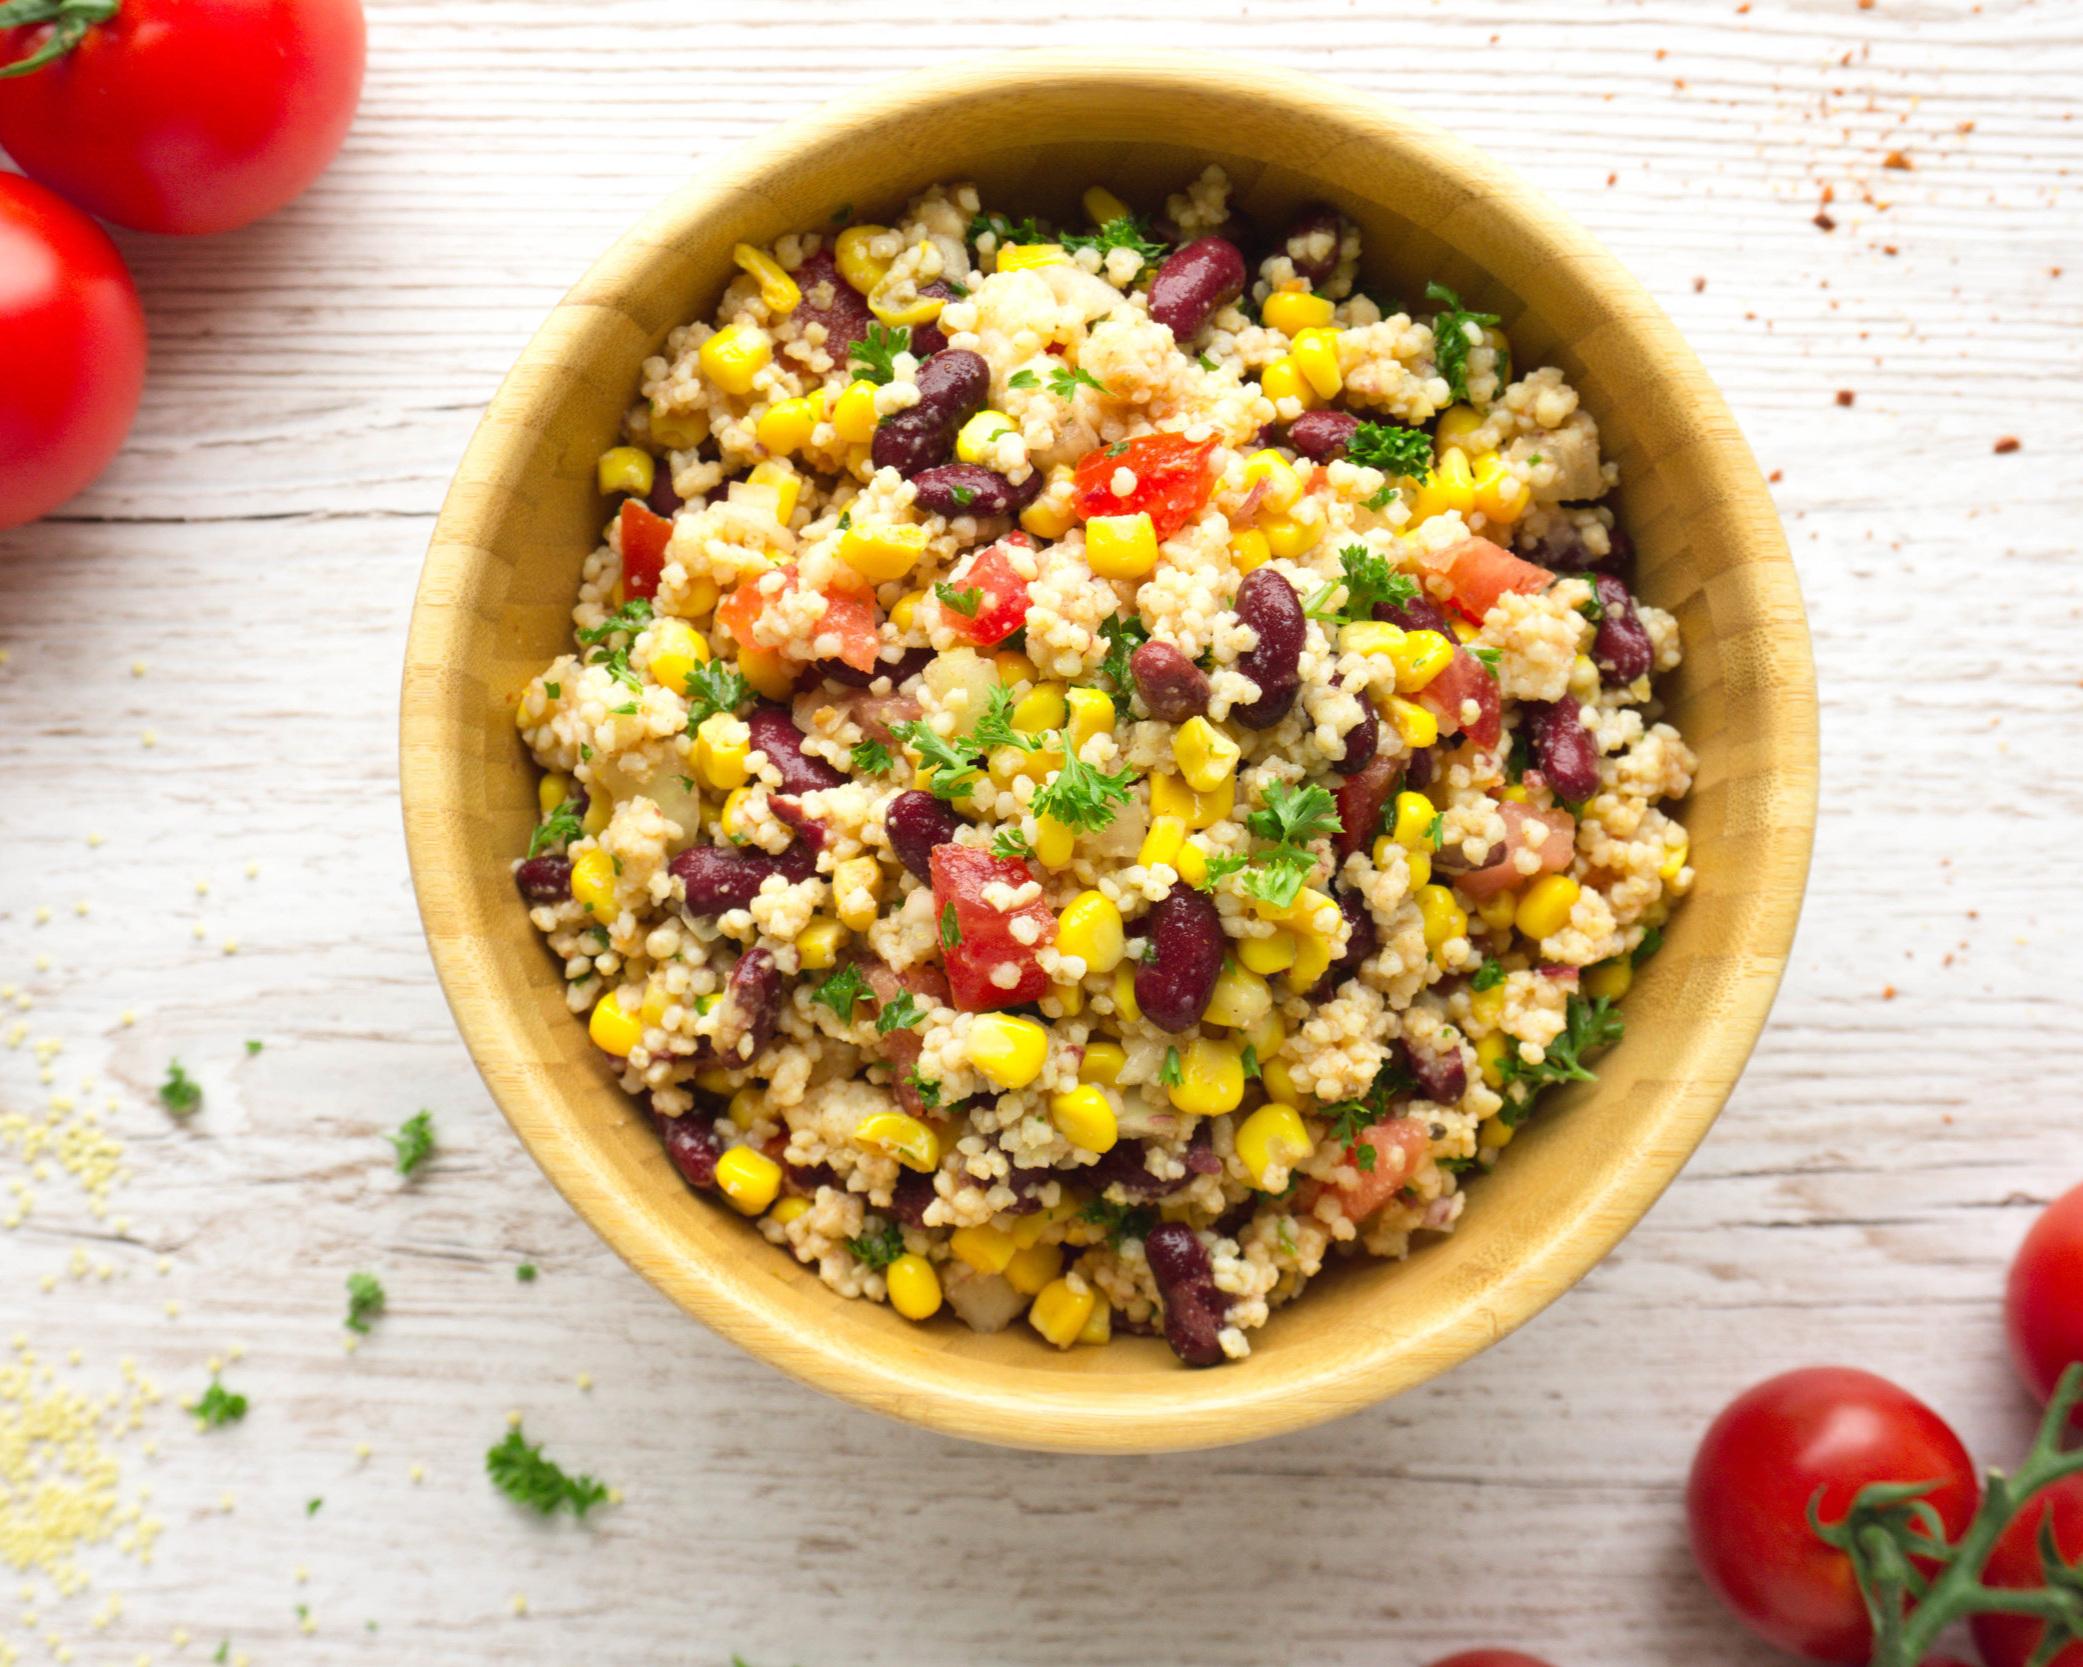 mexikanischer Hirse-Salat (Vegan, Glutenfrei).jpg